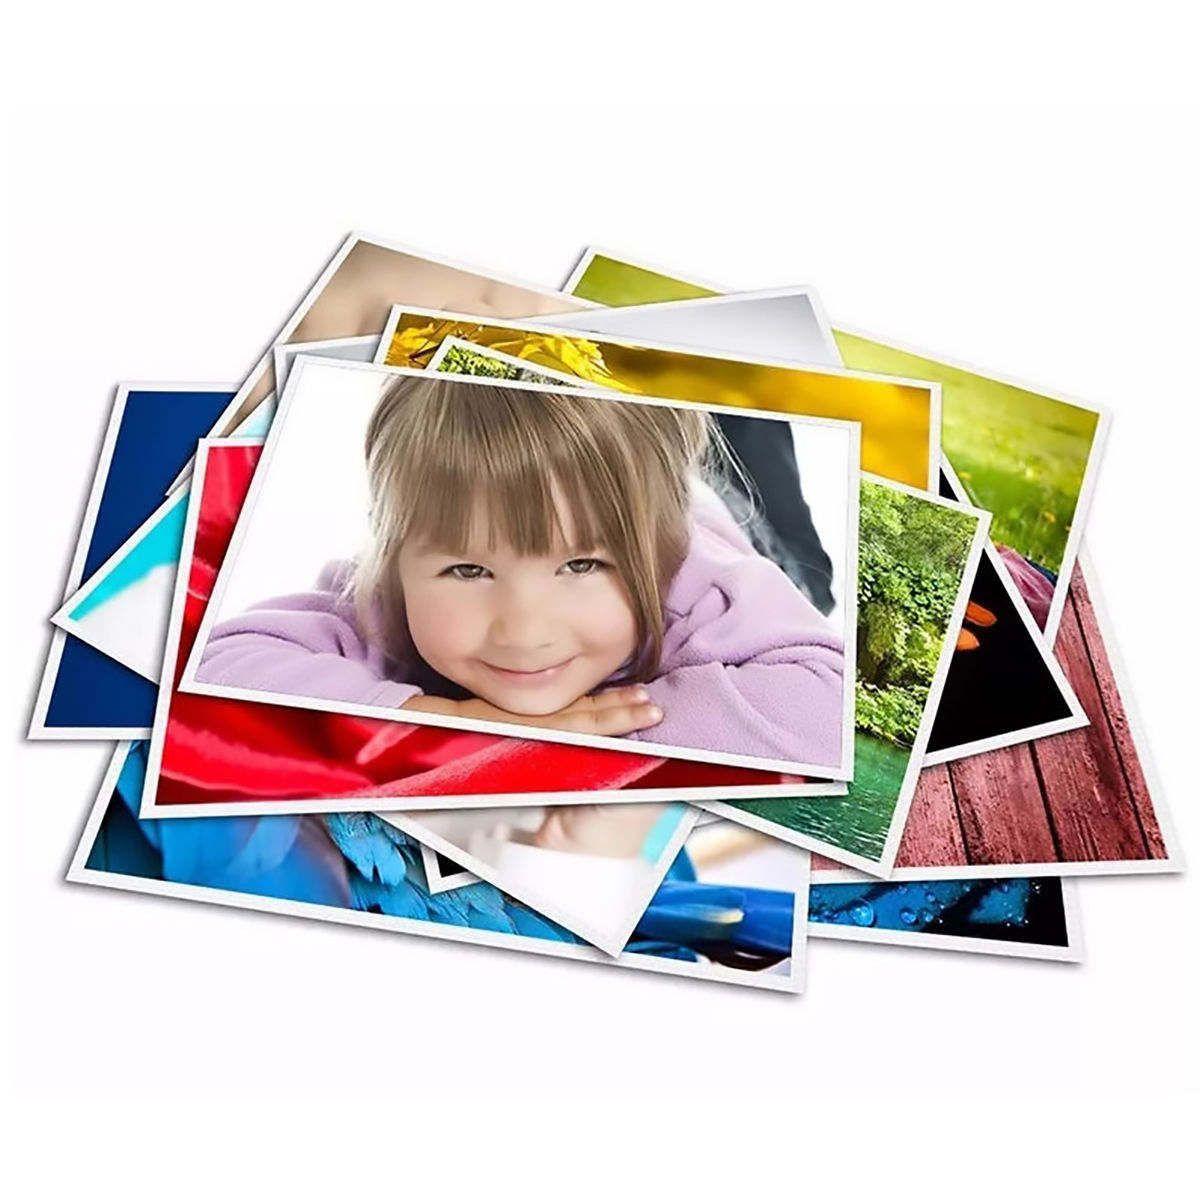 Papel Fotográfico A4 180g Glossy Branco Brilhante Resistente à Água / 300 folhas